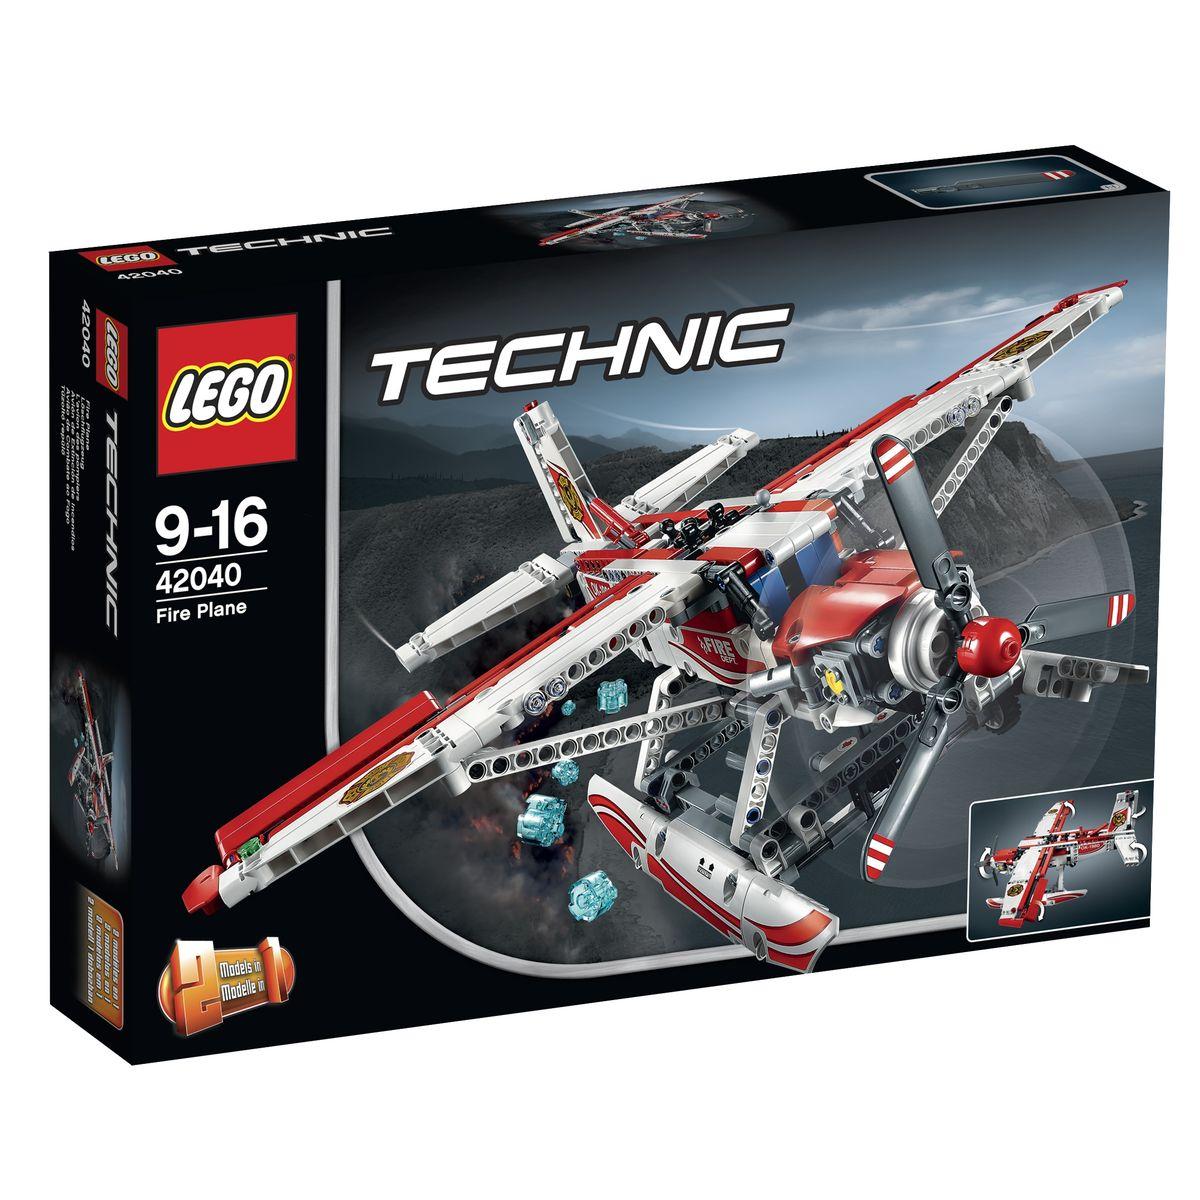 LEGO Technic Конструктор Пожарный самолет 42040